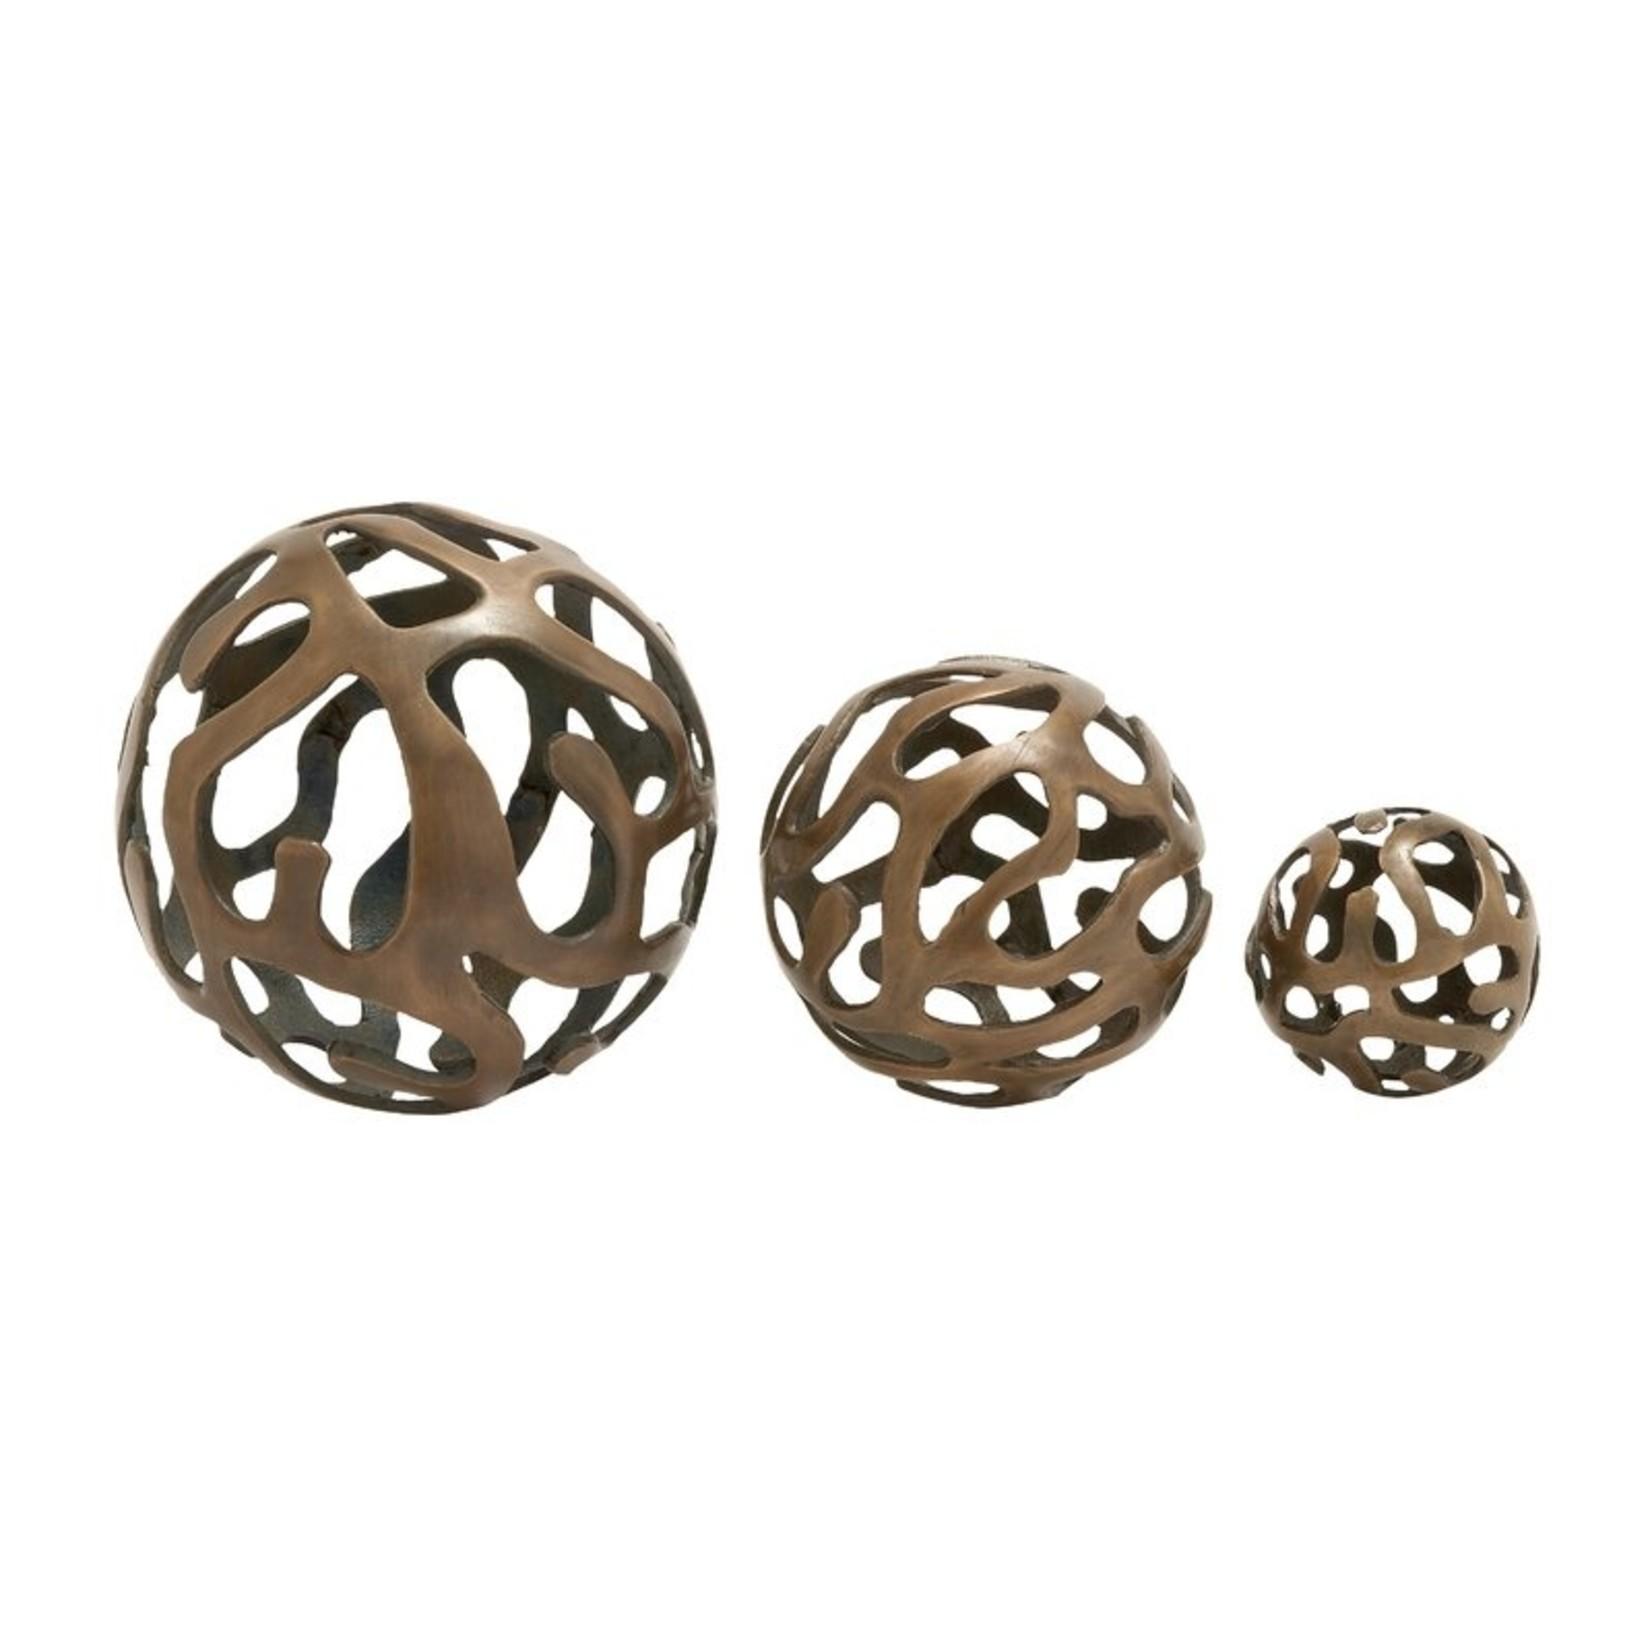 *3 Piece Mchugh Aluminum Decor Ball Figurine Set